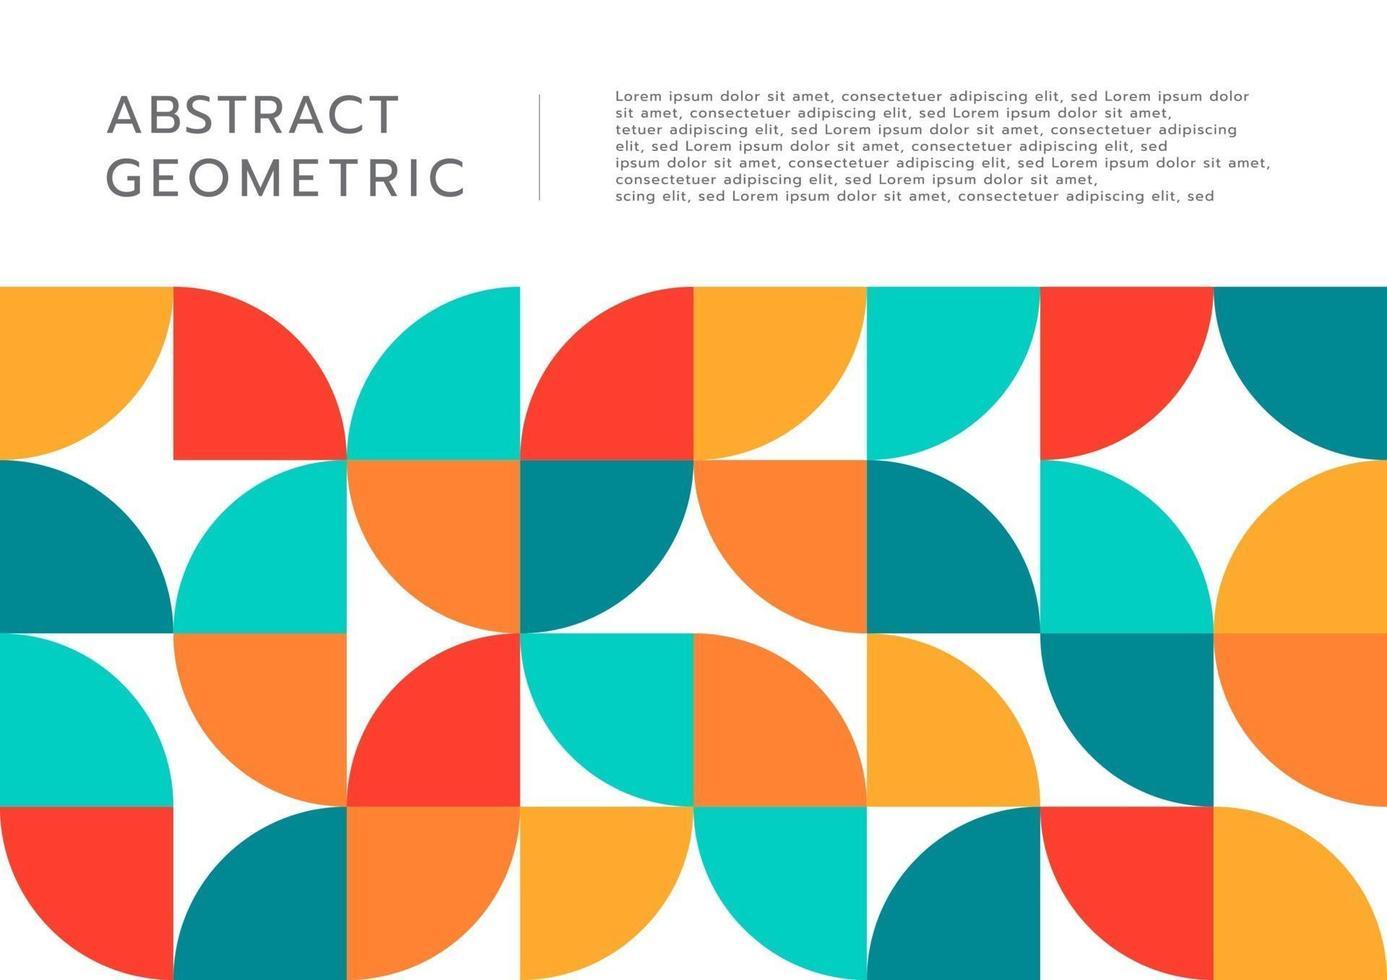 cercle géométrique abstrait coupe design plat de forme avec un espace pour votre texte vecteur